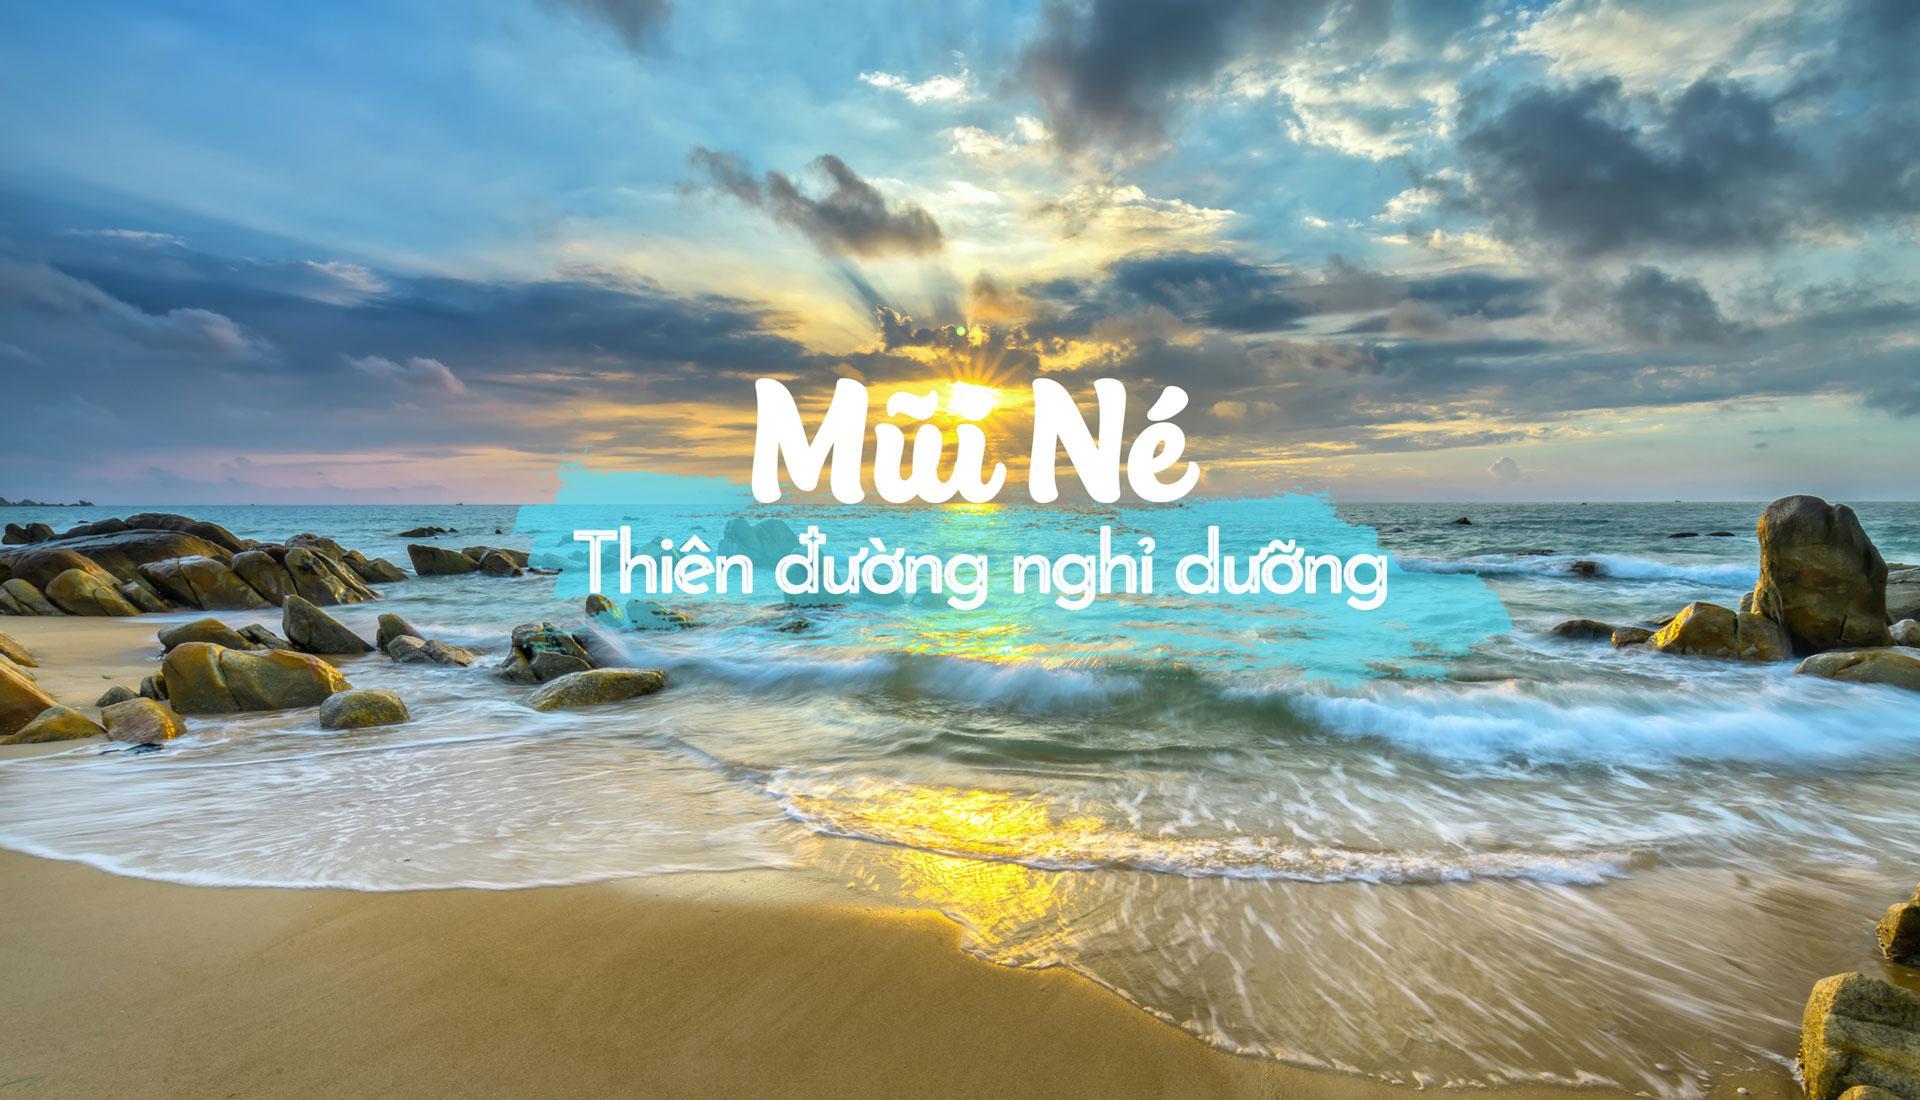 Hà Nội - Sài Gòn - Mũi Né - Hà Nội 4 Ngày 3 Đêm Bay Viettravel Airlines